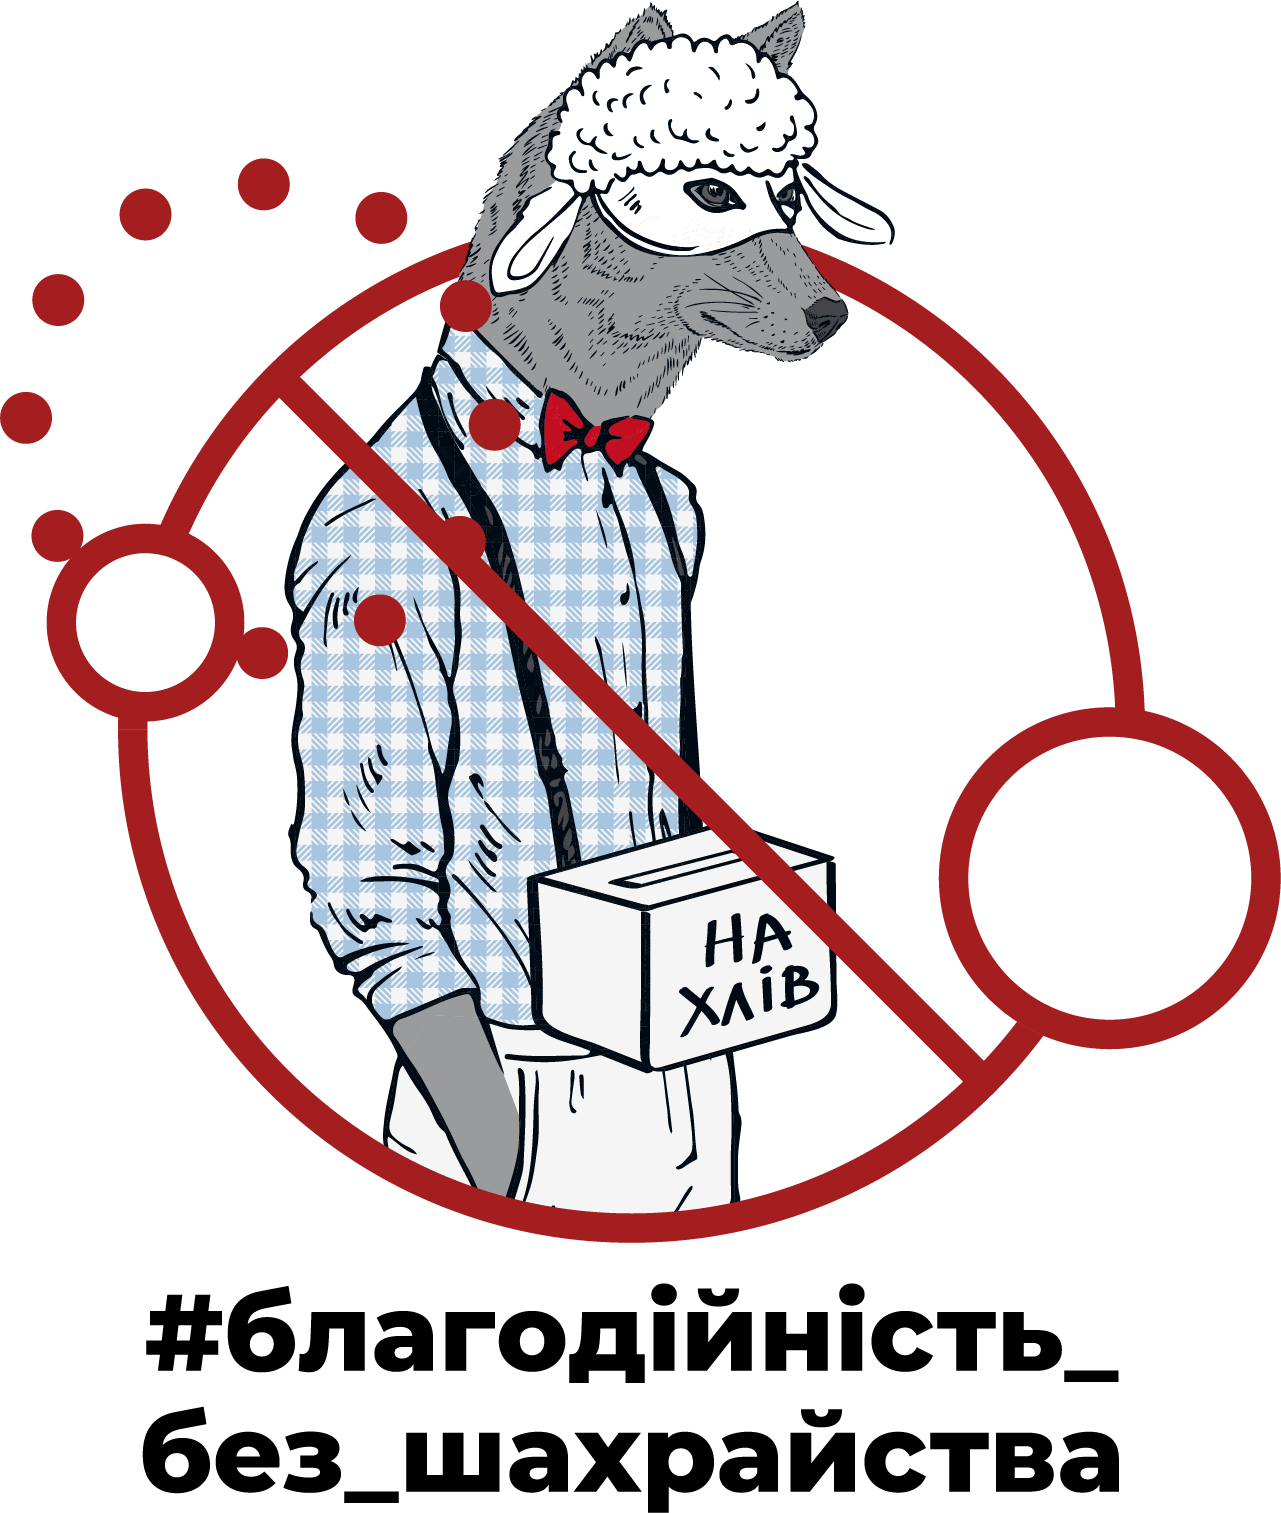 Anti_shahrajstvo_logo_title_transp_RGB